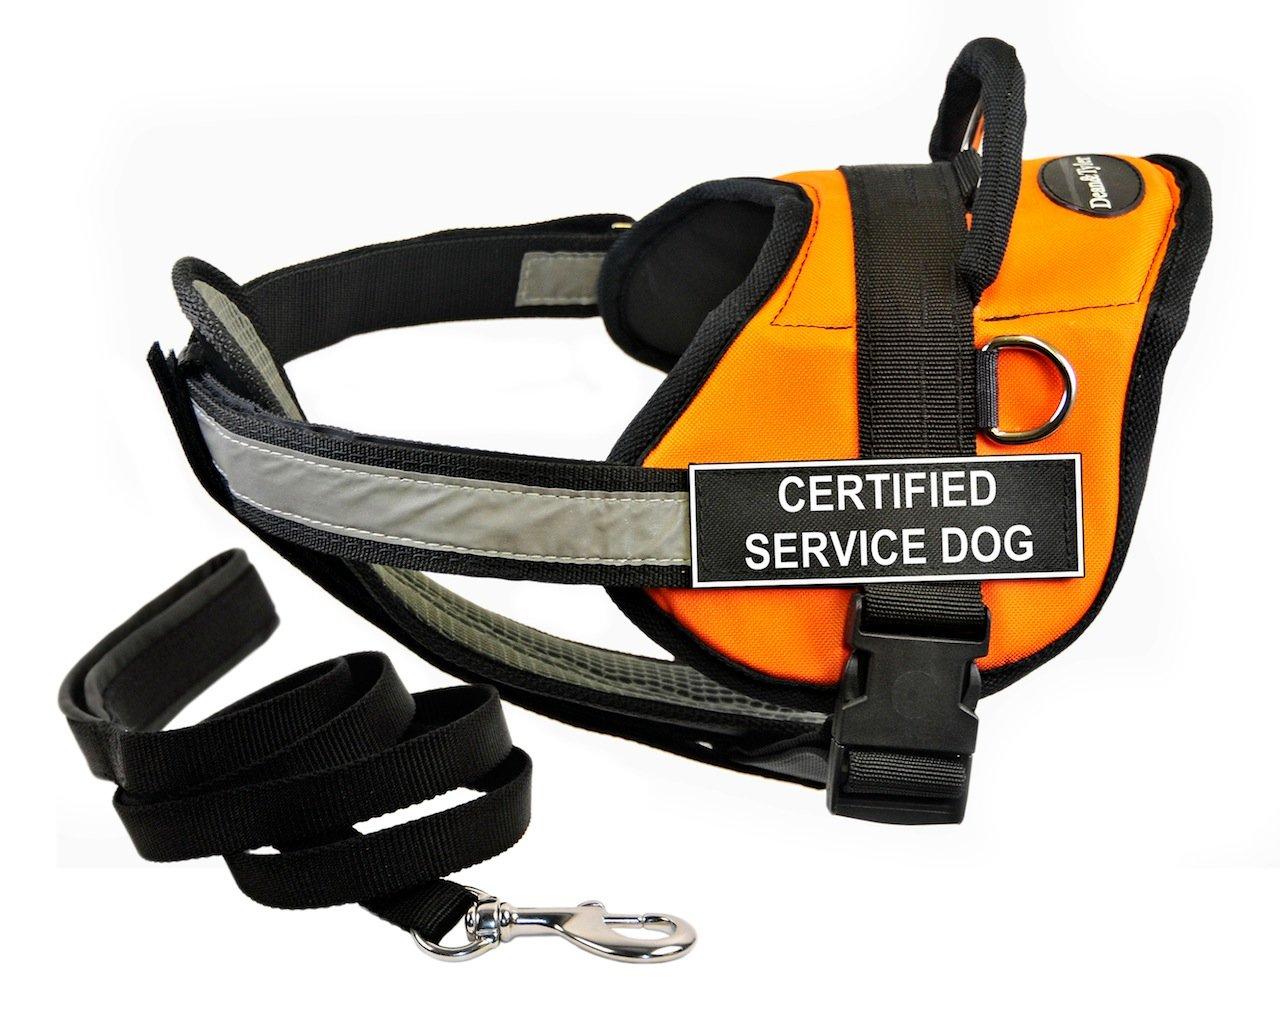 Dean & & & Tyler DT Works arancia Certified Service Dog Harness con Imbottitura sul Petto, Piccolo, e Nero 1,8 m Padded Puppy guinzaglio. d40609